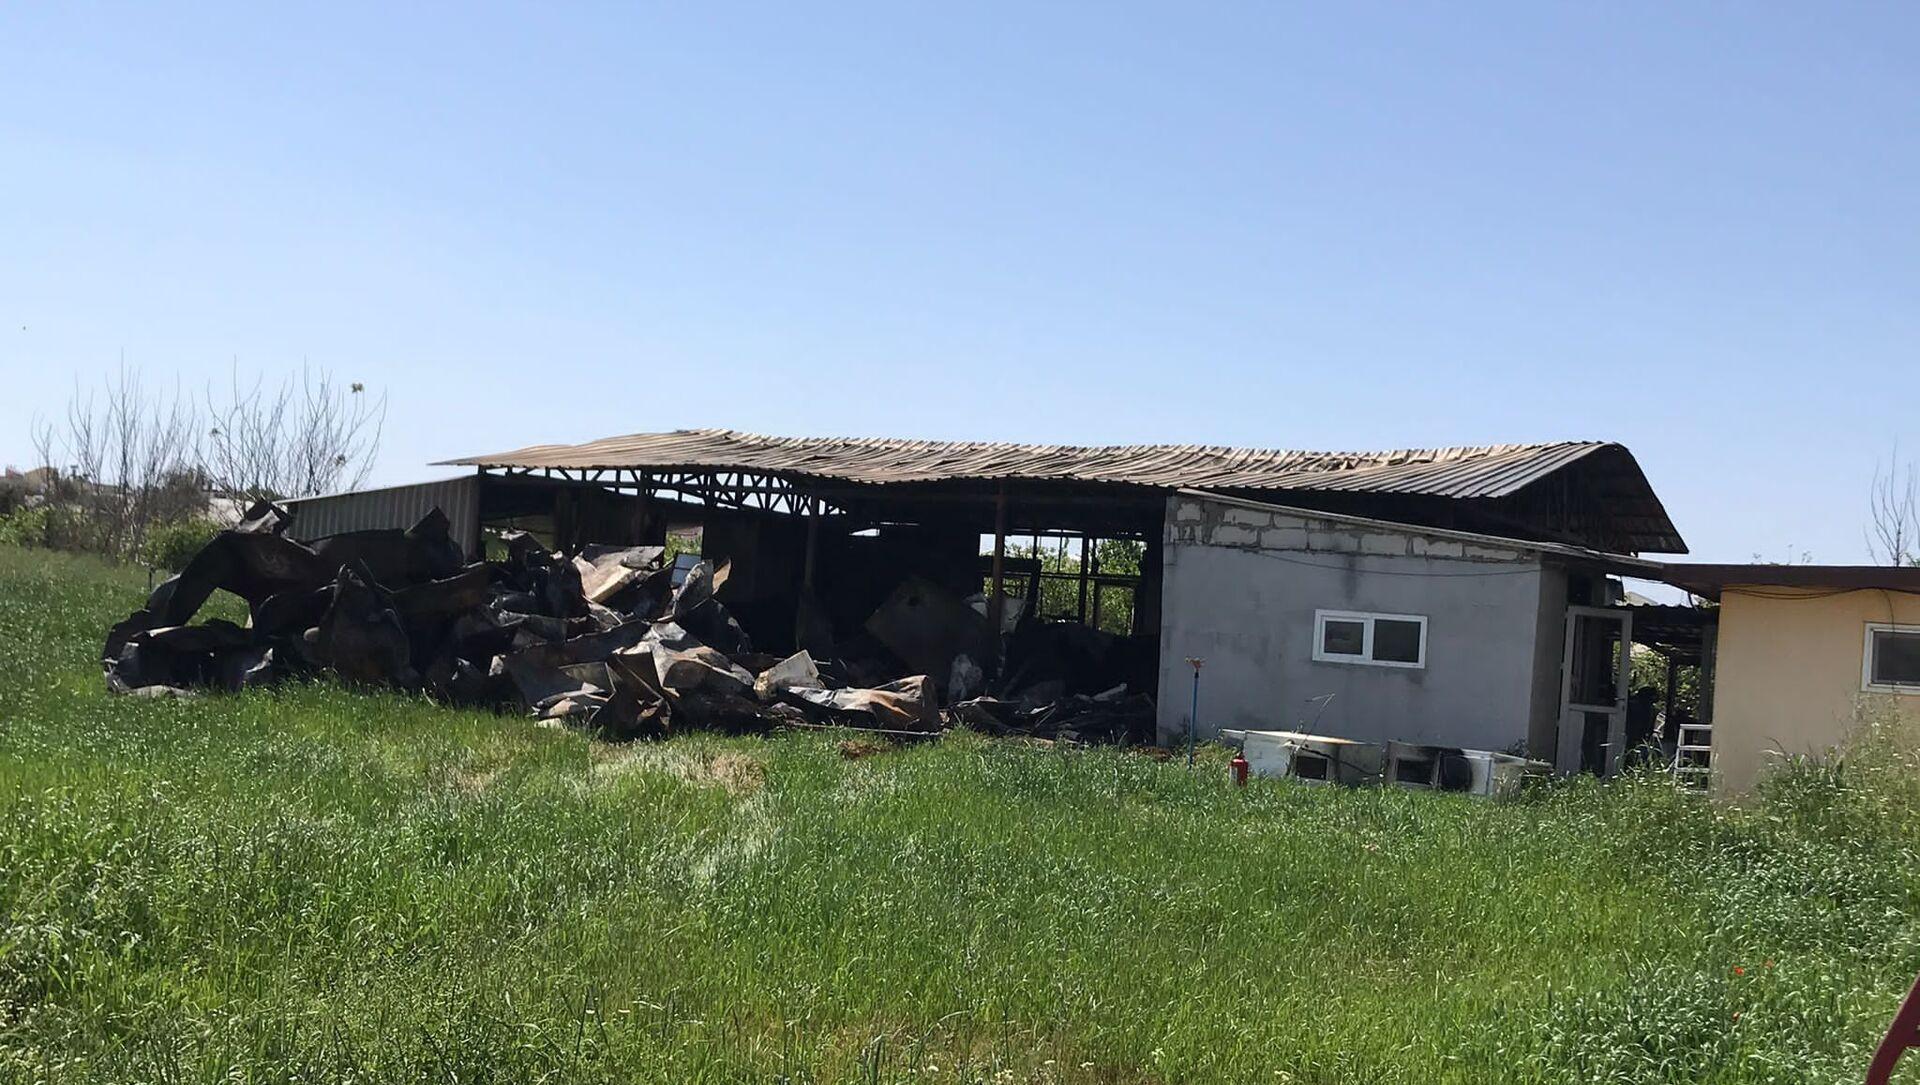 Antalya'da çekirge üretim merkezinde yangın: Anaç böceklerin tamamı yandı - Sputnik Türkiye, 1920, 26.04.2021